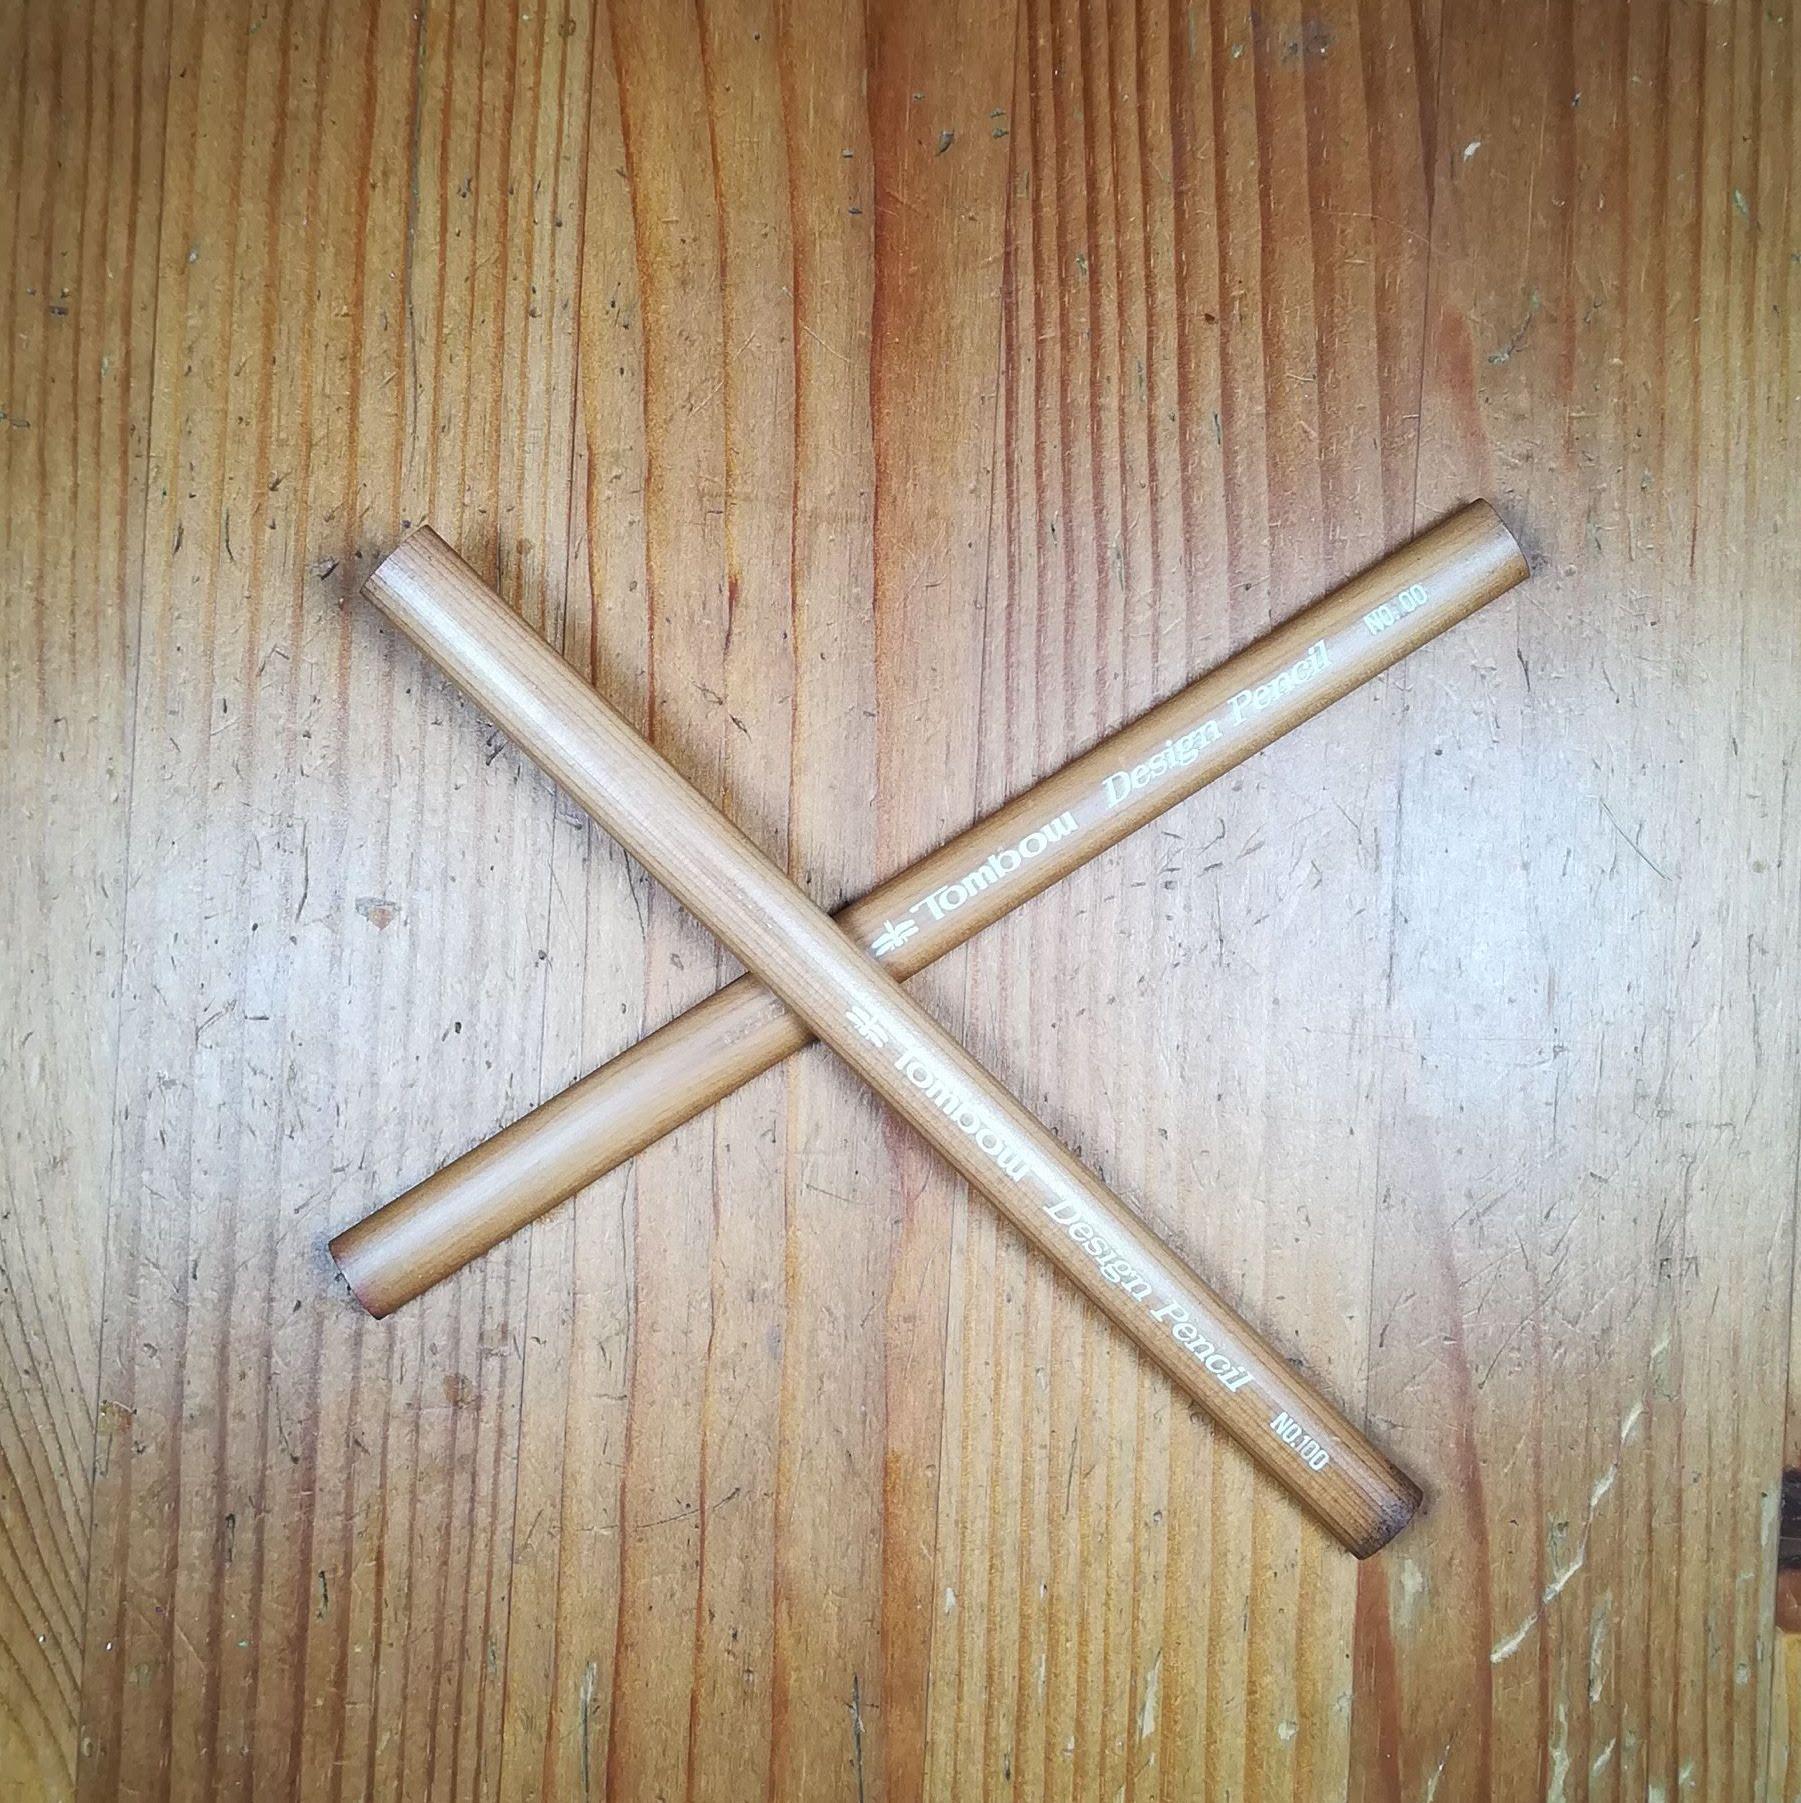 【インスタライブで紹介した鉛筆、通販開始しました】